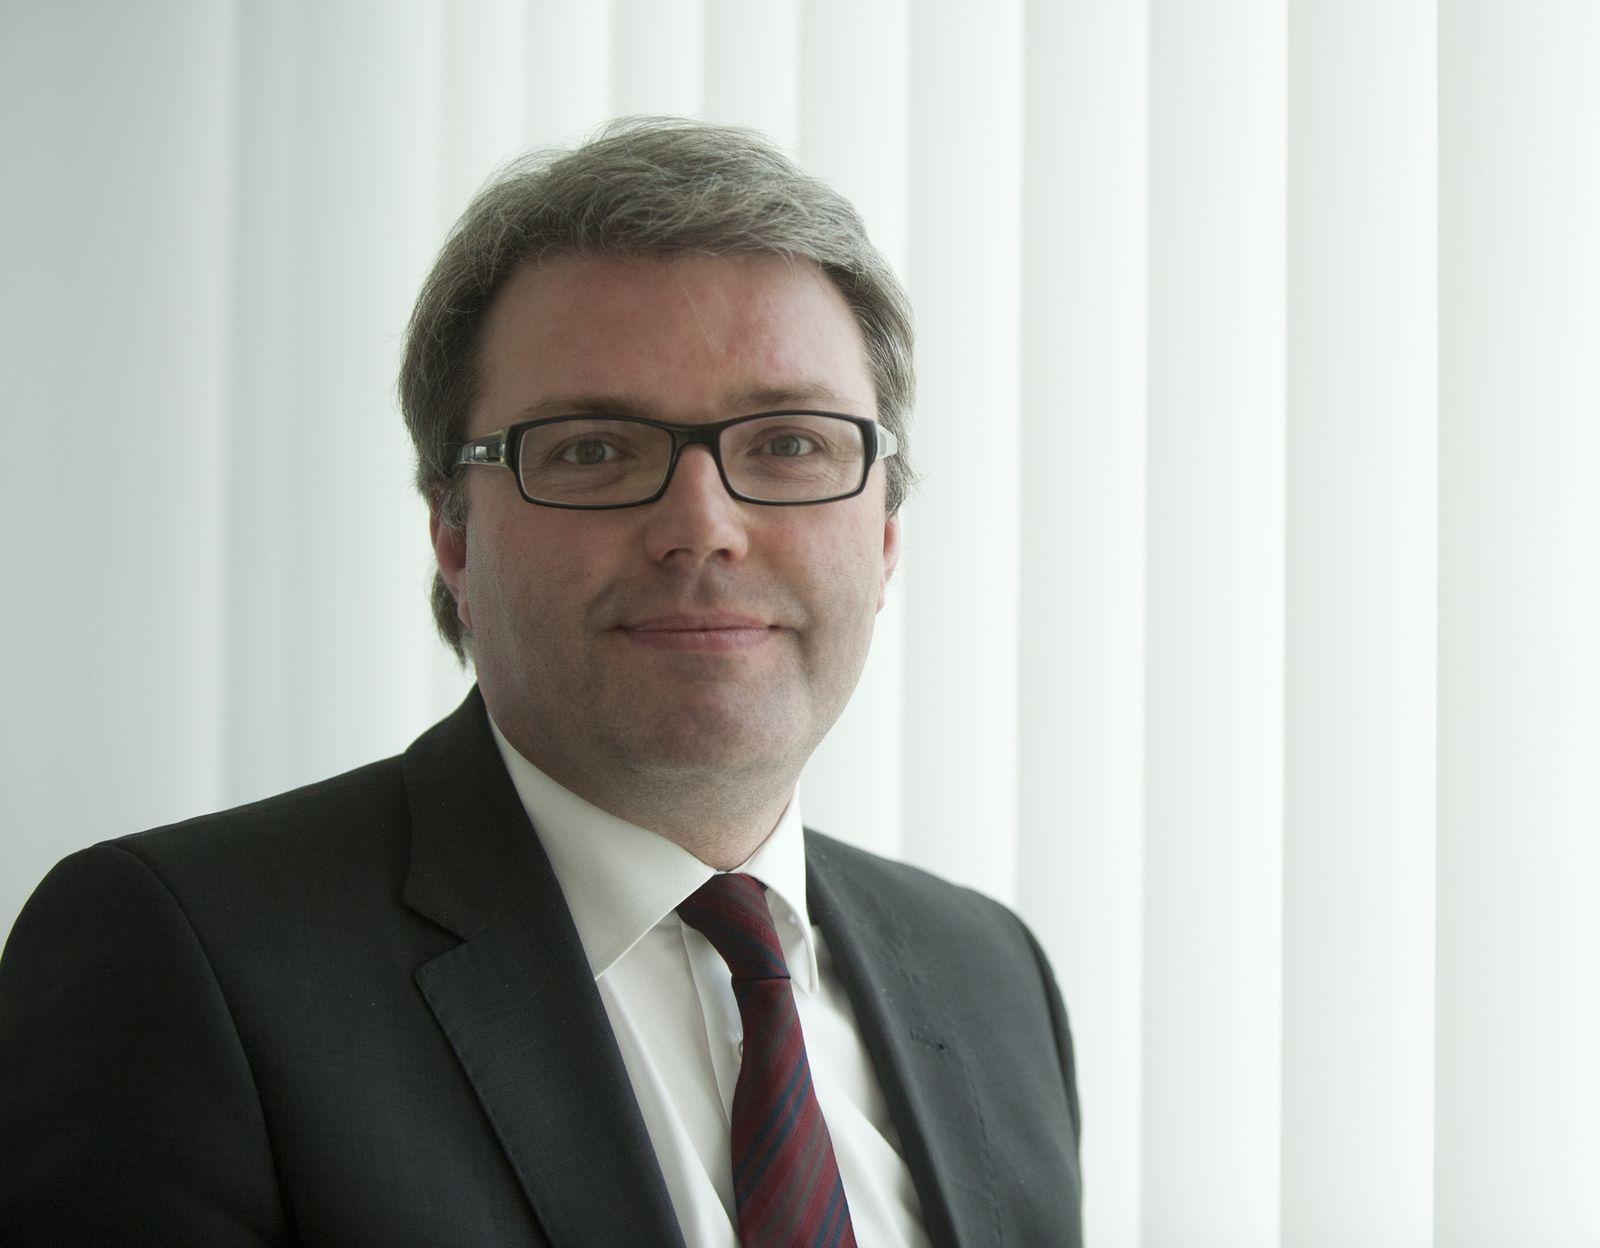 NICHT VERWENDEN Marc Jan Eumann